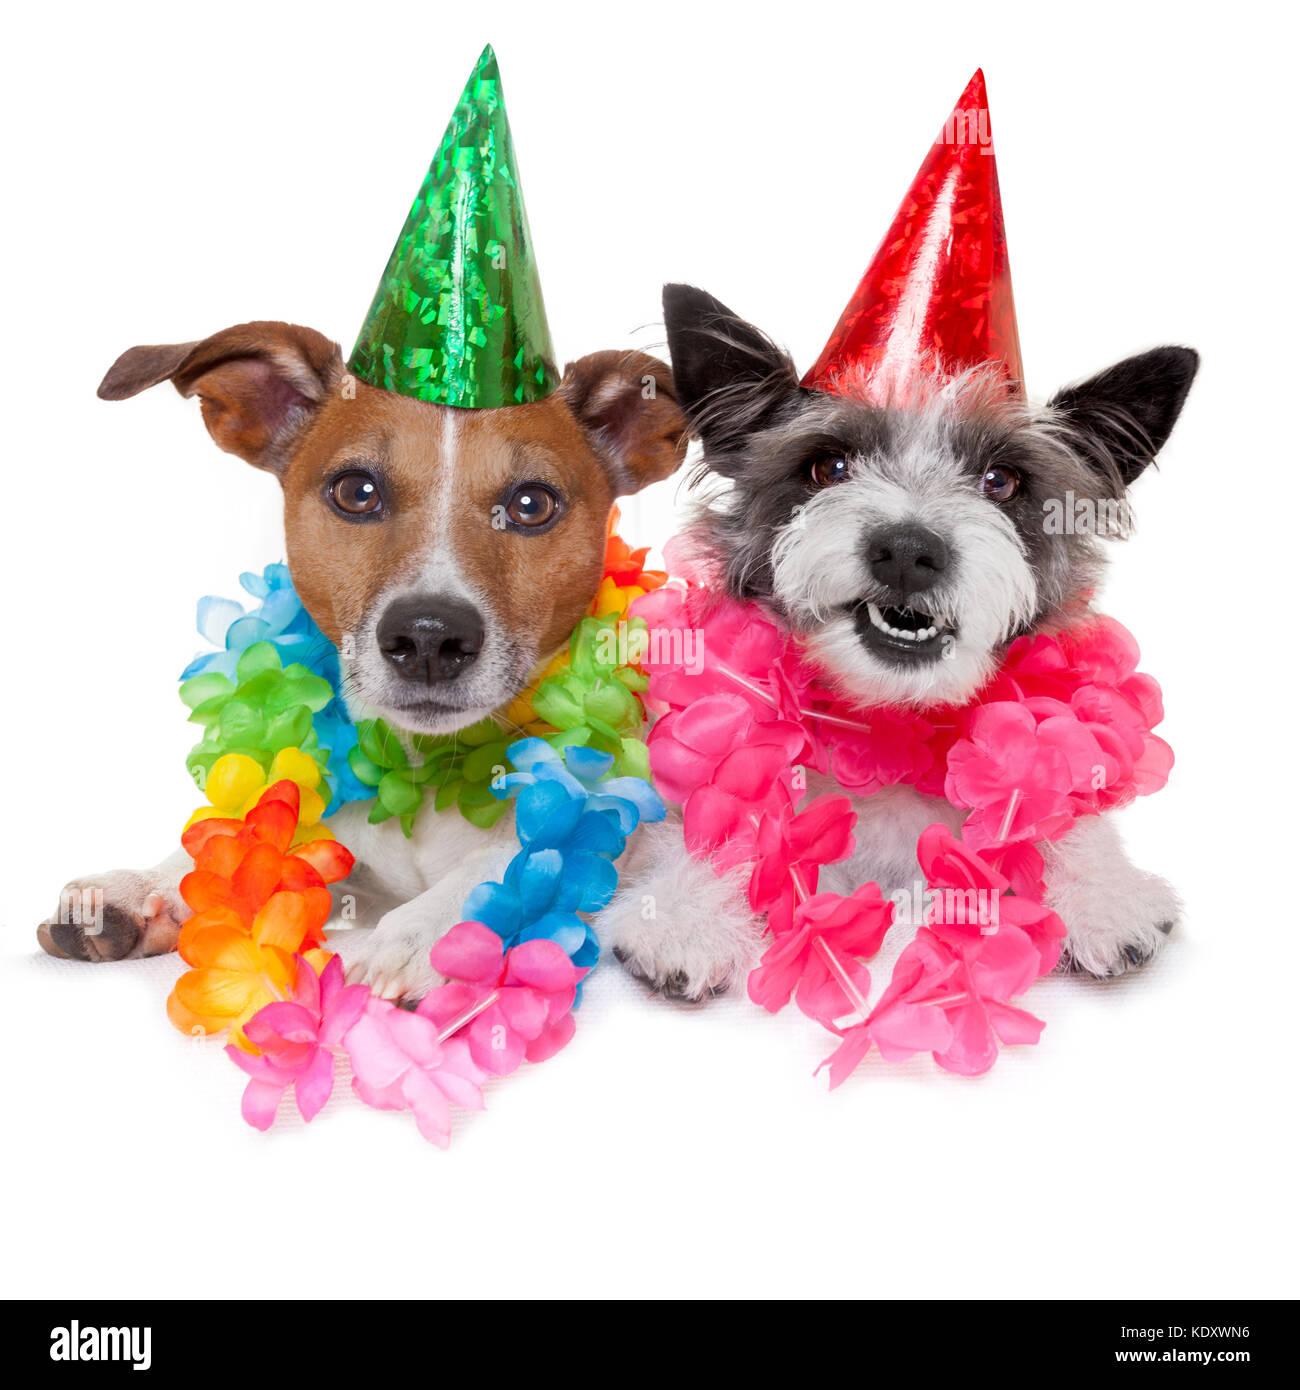 Zwei Lustige Geburtstag Hunde Schliessen Sie Zusammen Als Paar Feiern